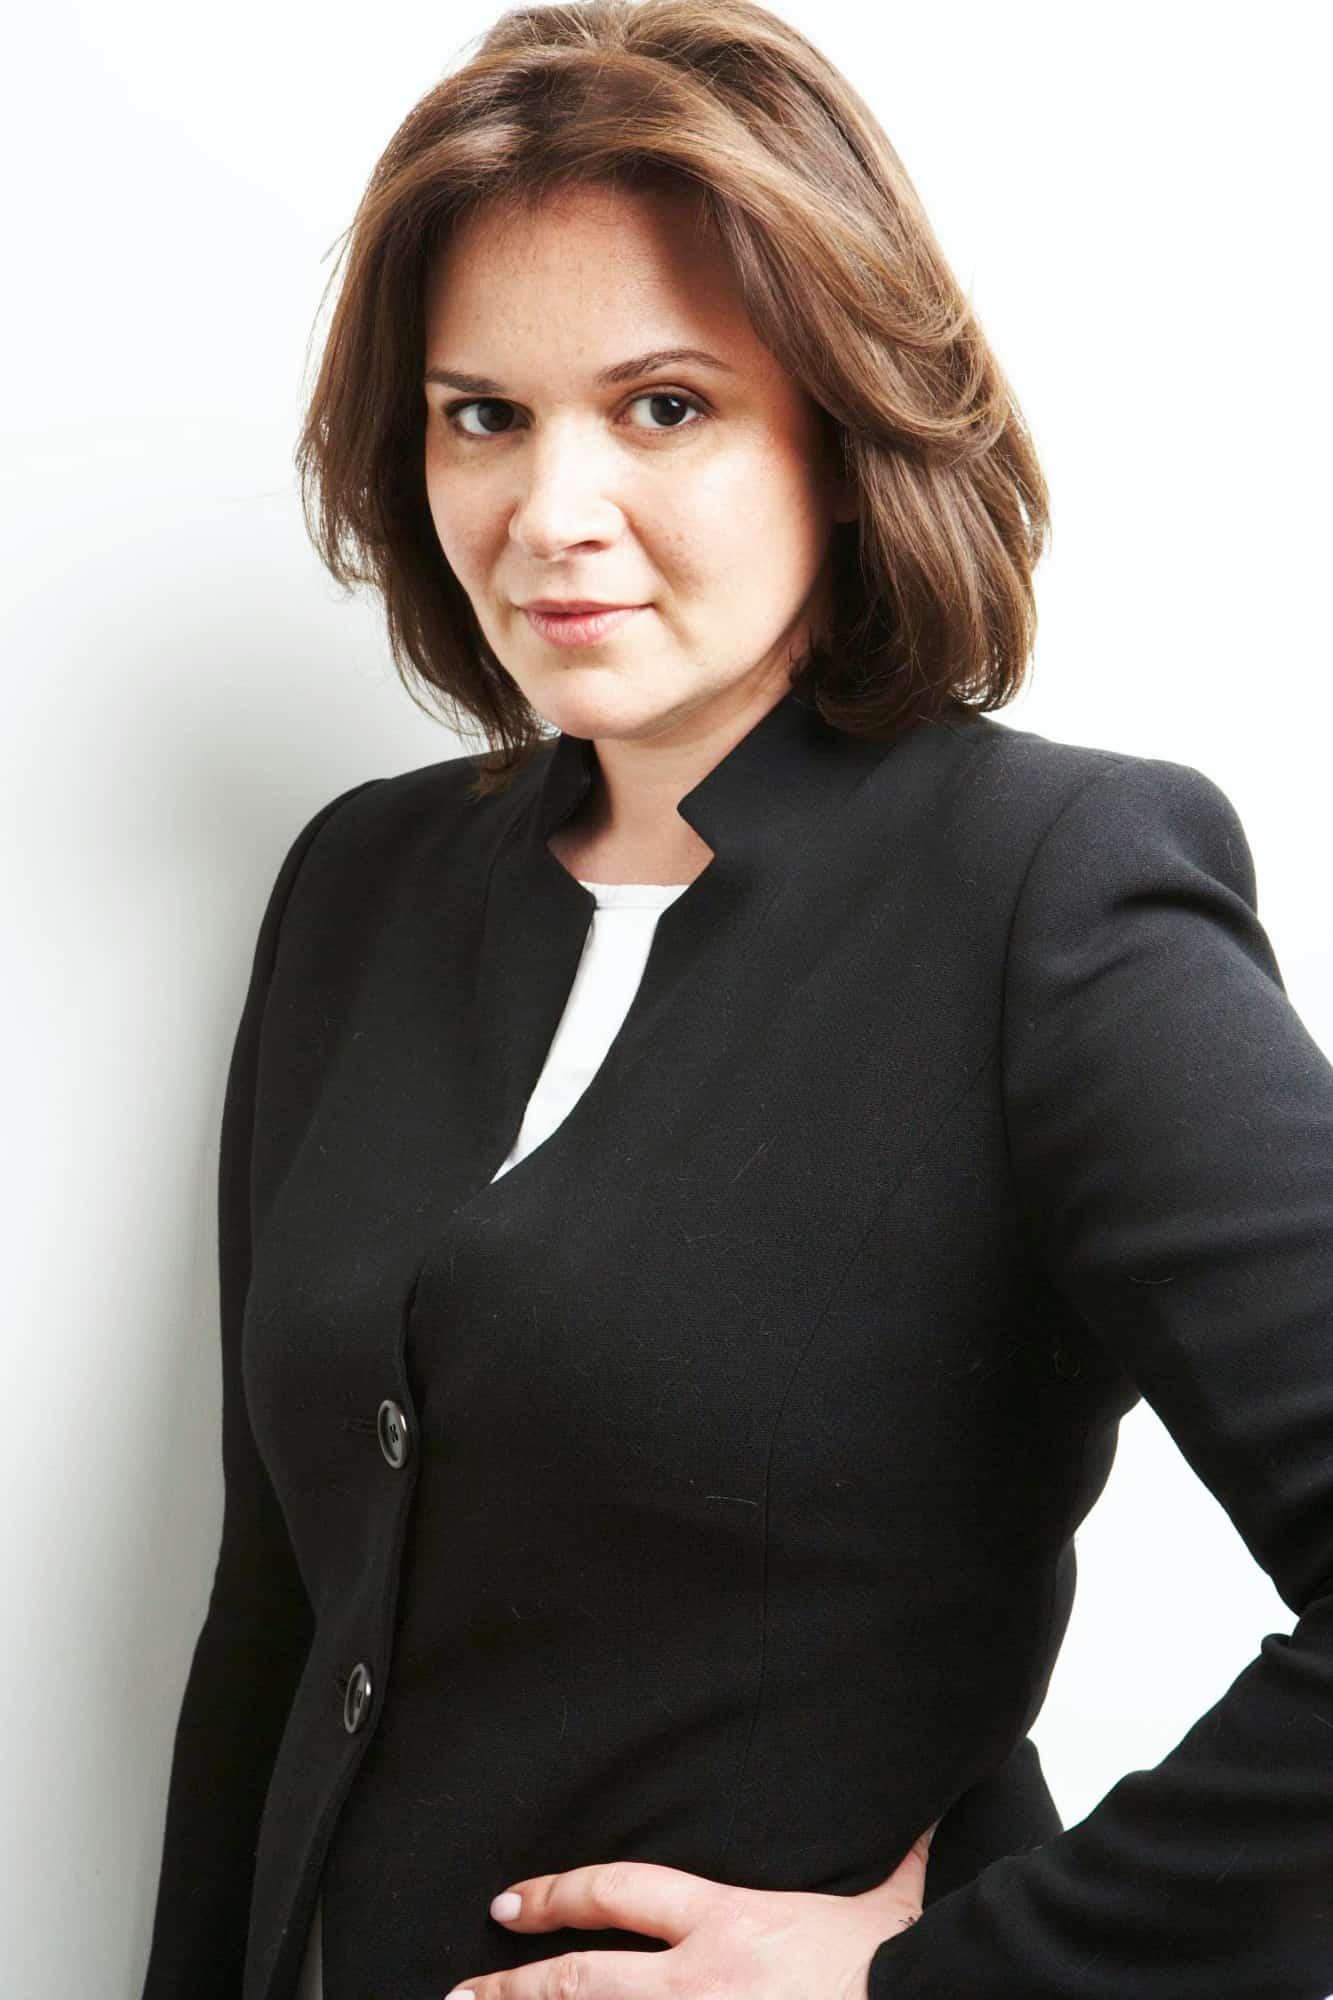 Sasha Slater Telegraph